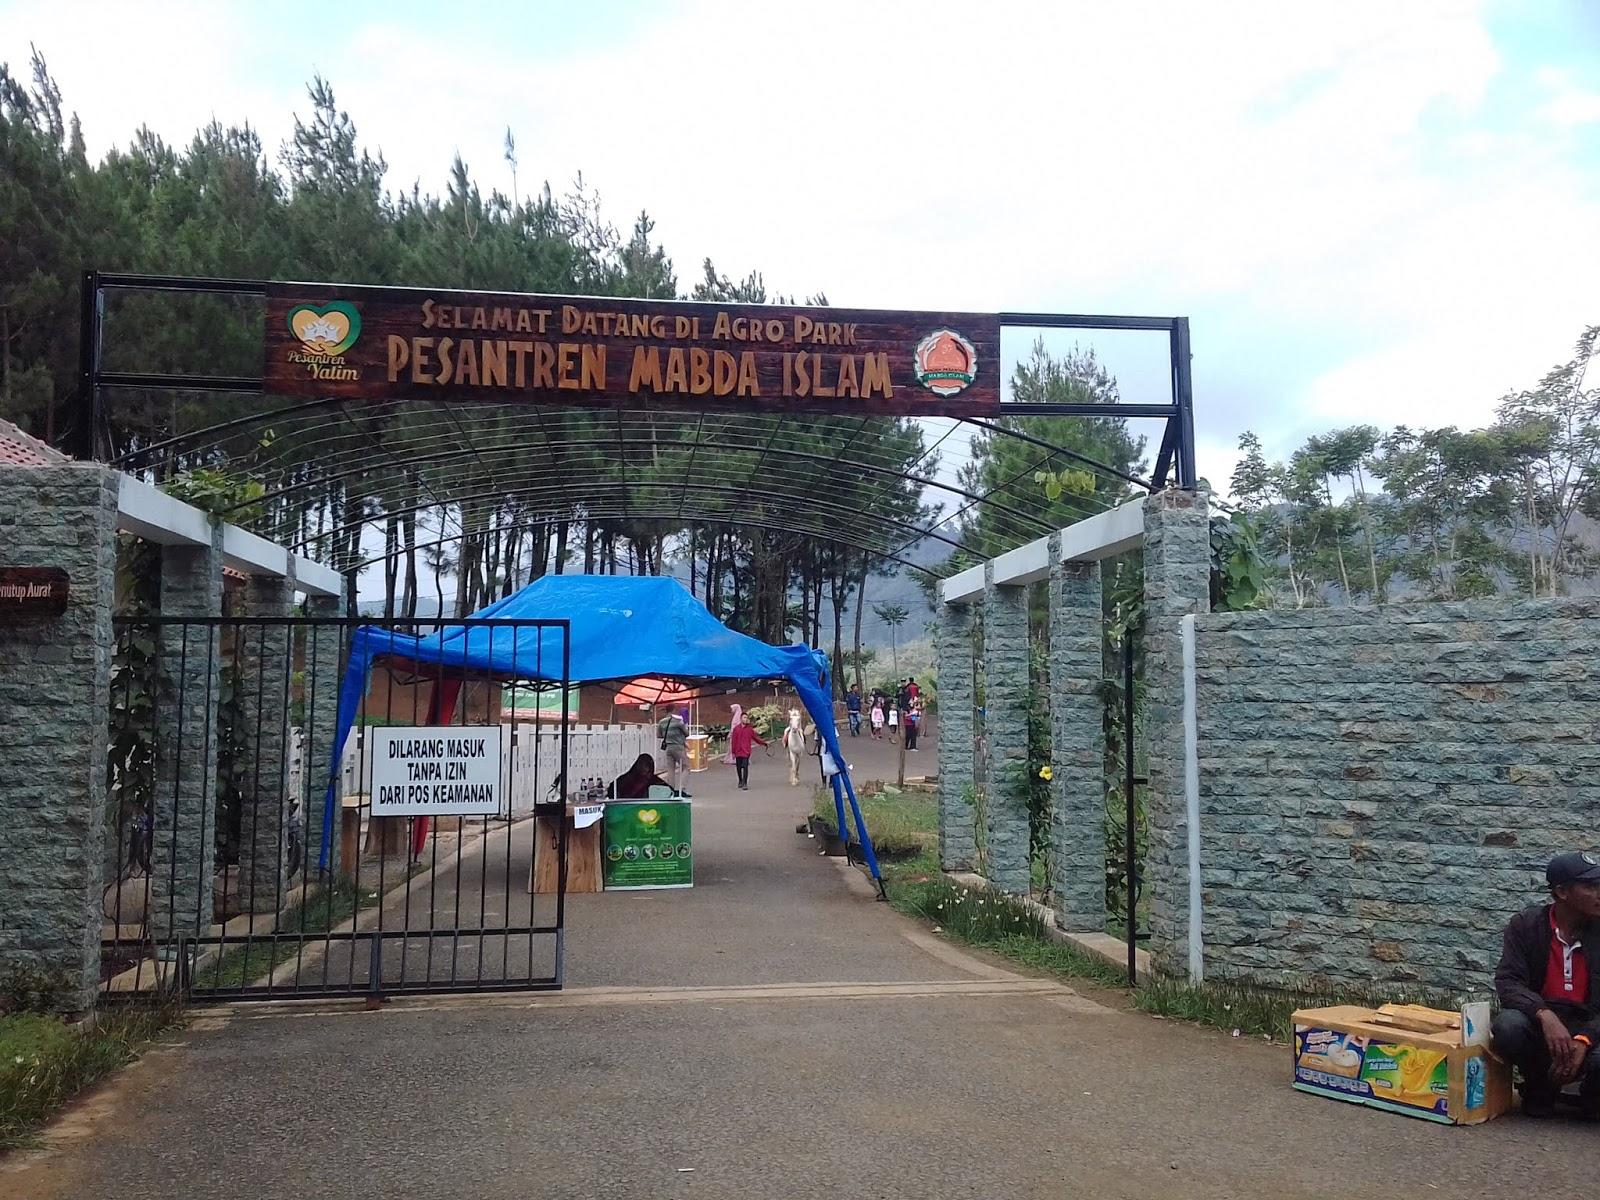 Mau Rekreasi Sambil Berdonasi Yuk Ke Agro Park Pesantren